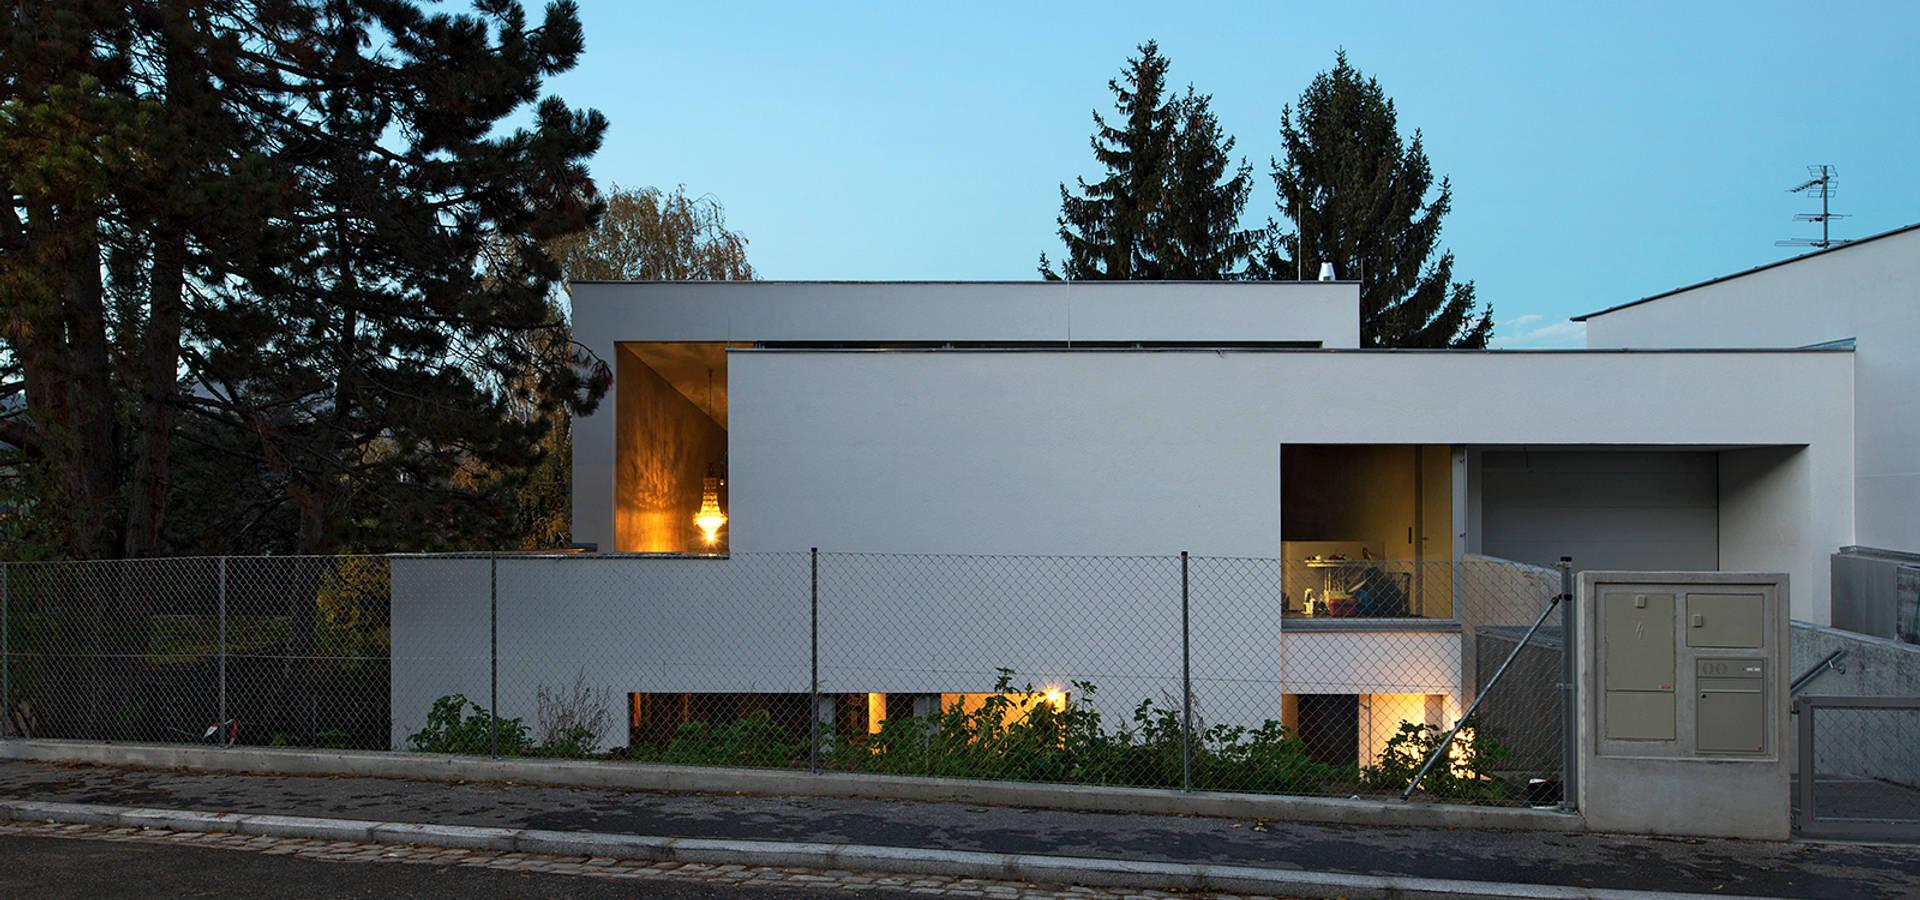 Abendroth architekten architekten in wien homify for Architekten bungalow modern